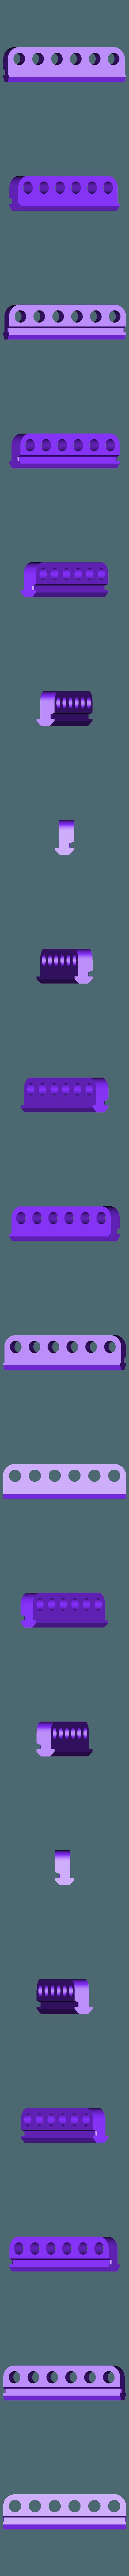 2020_Nozzle_Rack_6x_v1-0.STL Télécharger fichier STL gratuit Rack de buses 2020 • Modèle pour impression 3D, WalterHsiao